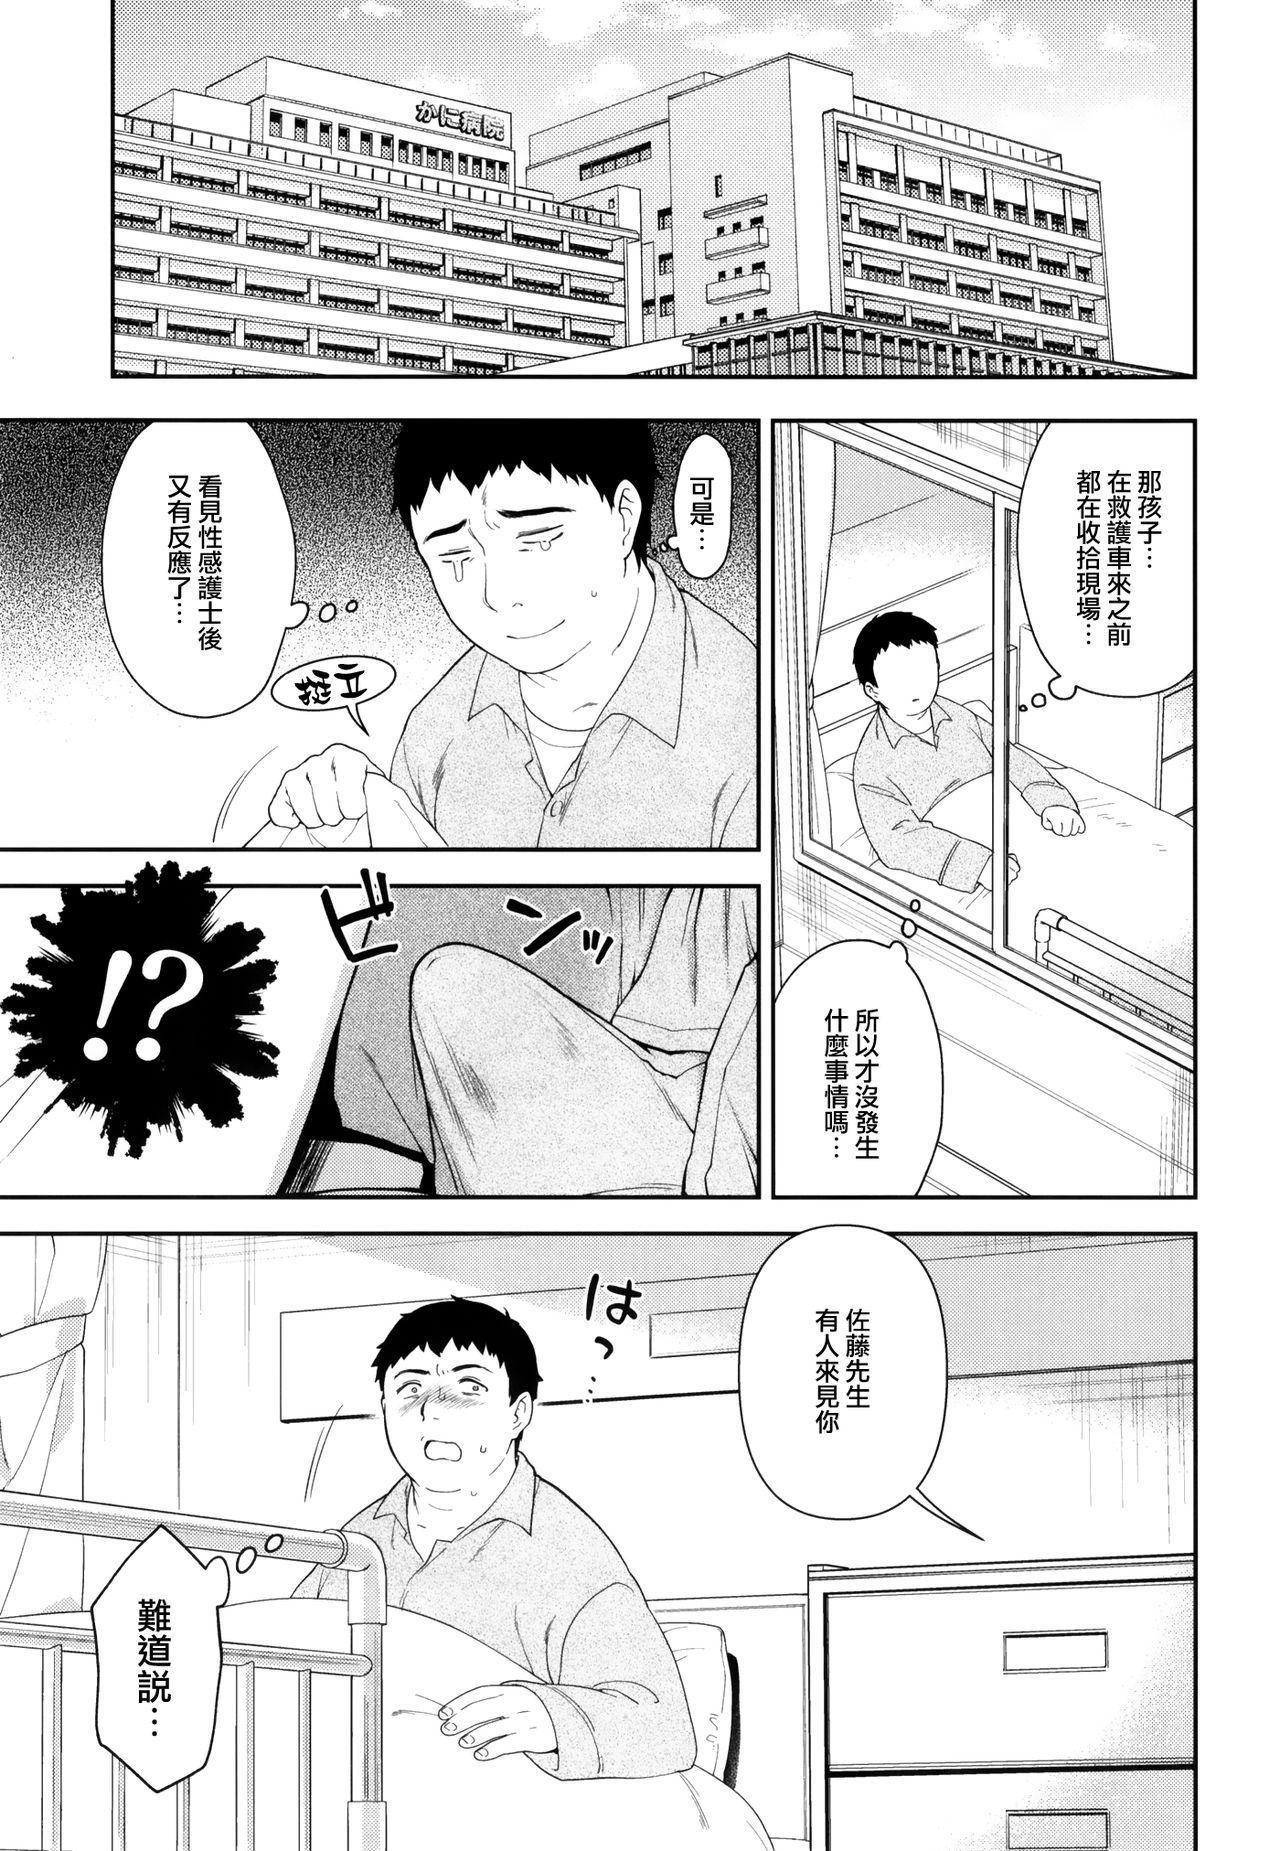 Keiken na Sister Minarai ga Otoko no Tokunou Seieki o Shiboritsukusu Hon 22